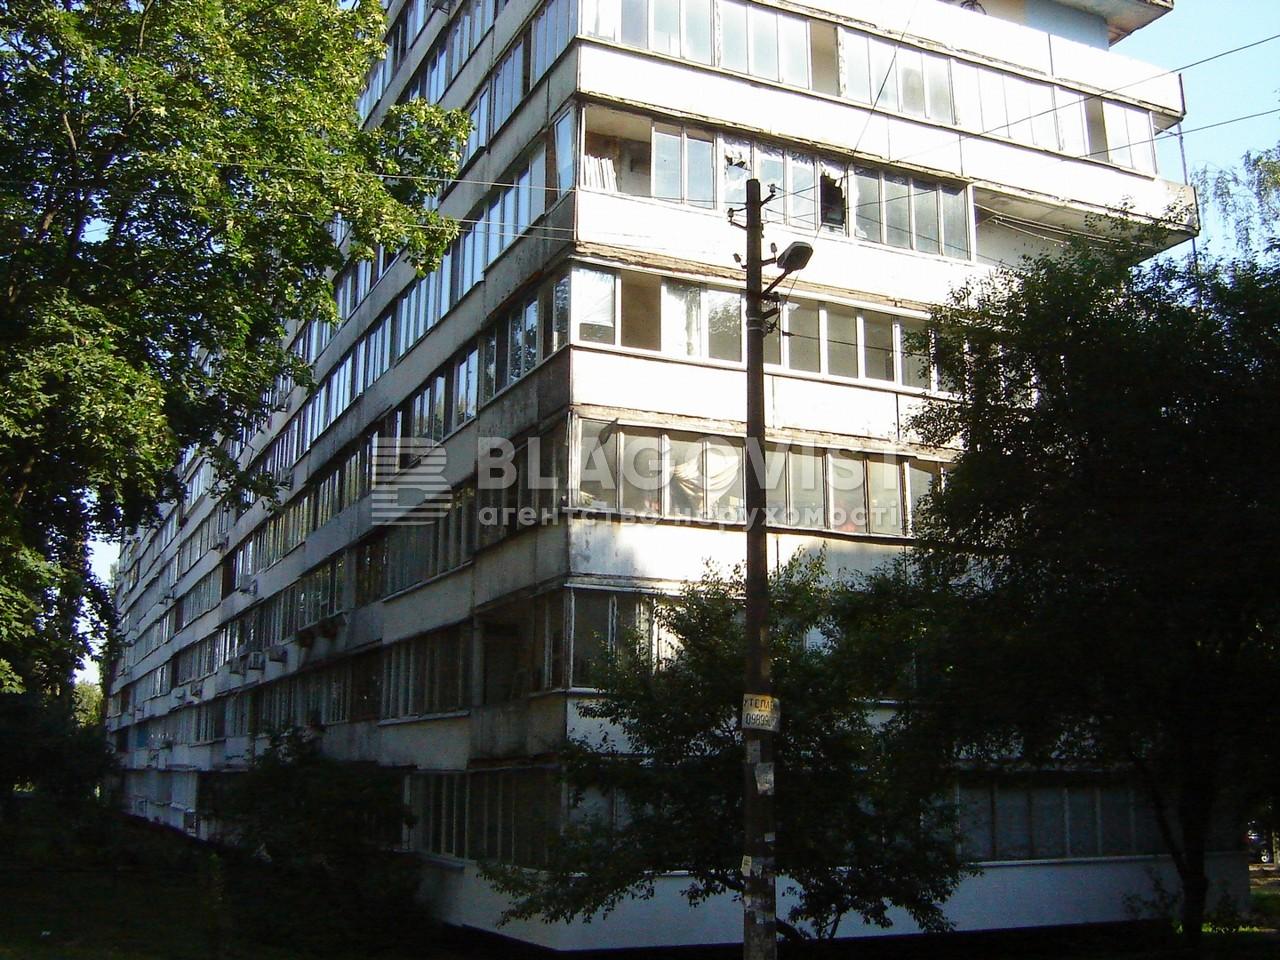 Квартира R-39878, Щербаковского Даниила (Щербакова), 49д, Киев - Фото 2